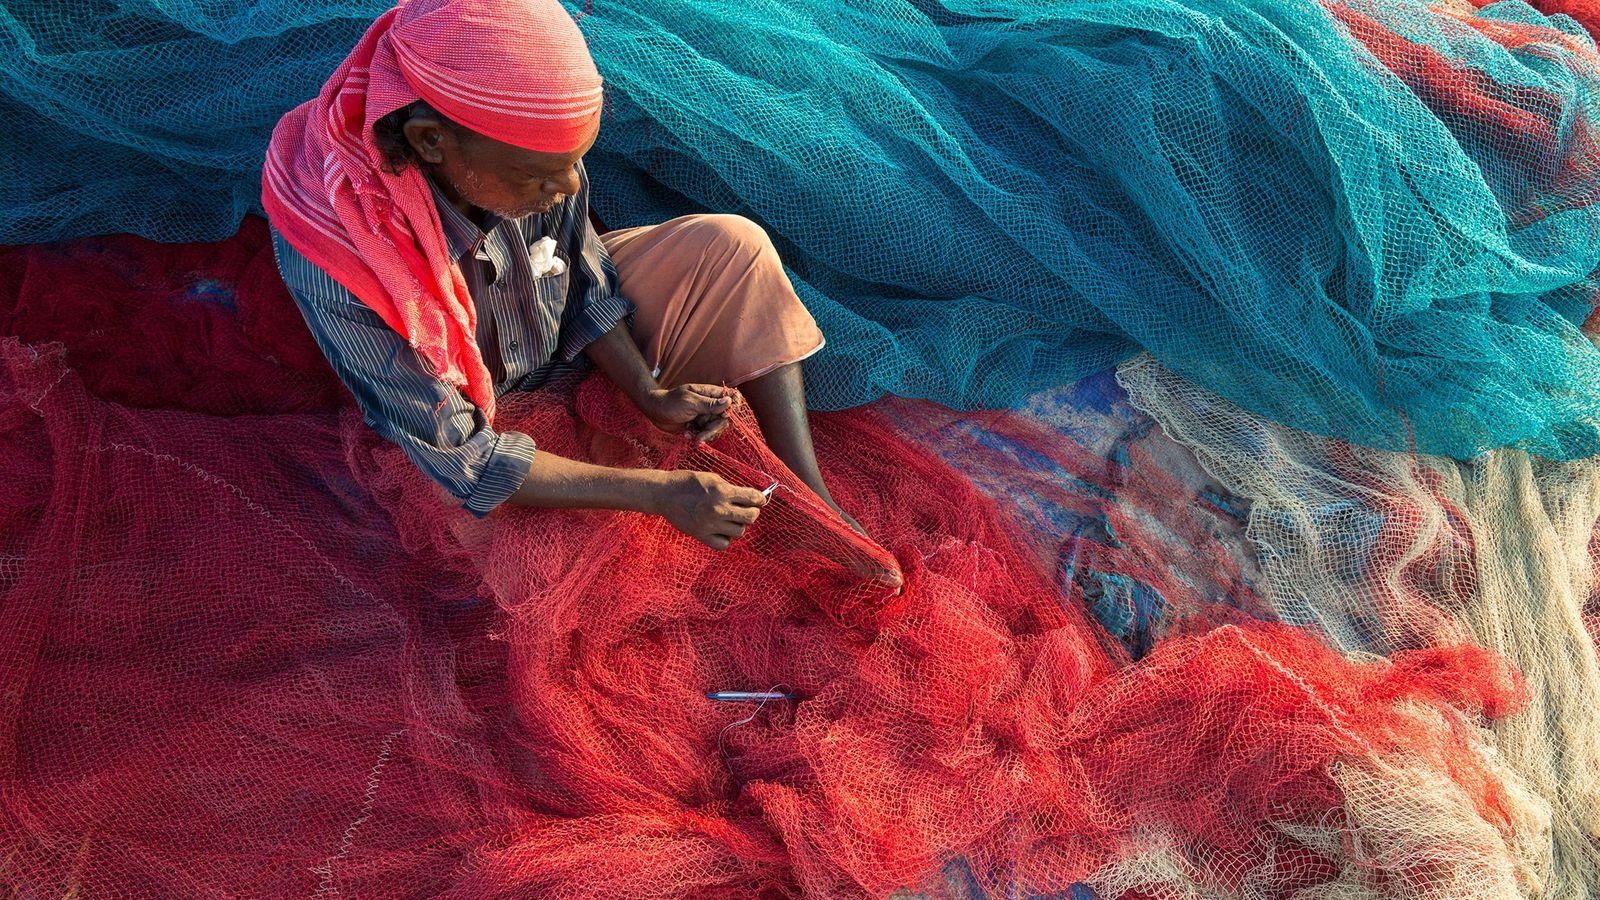 Dans l'État de Kérala en Inde, un pêcheur répare ses filets de pêche sur une plage. ...